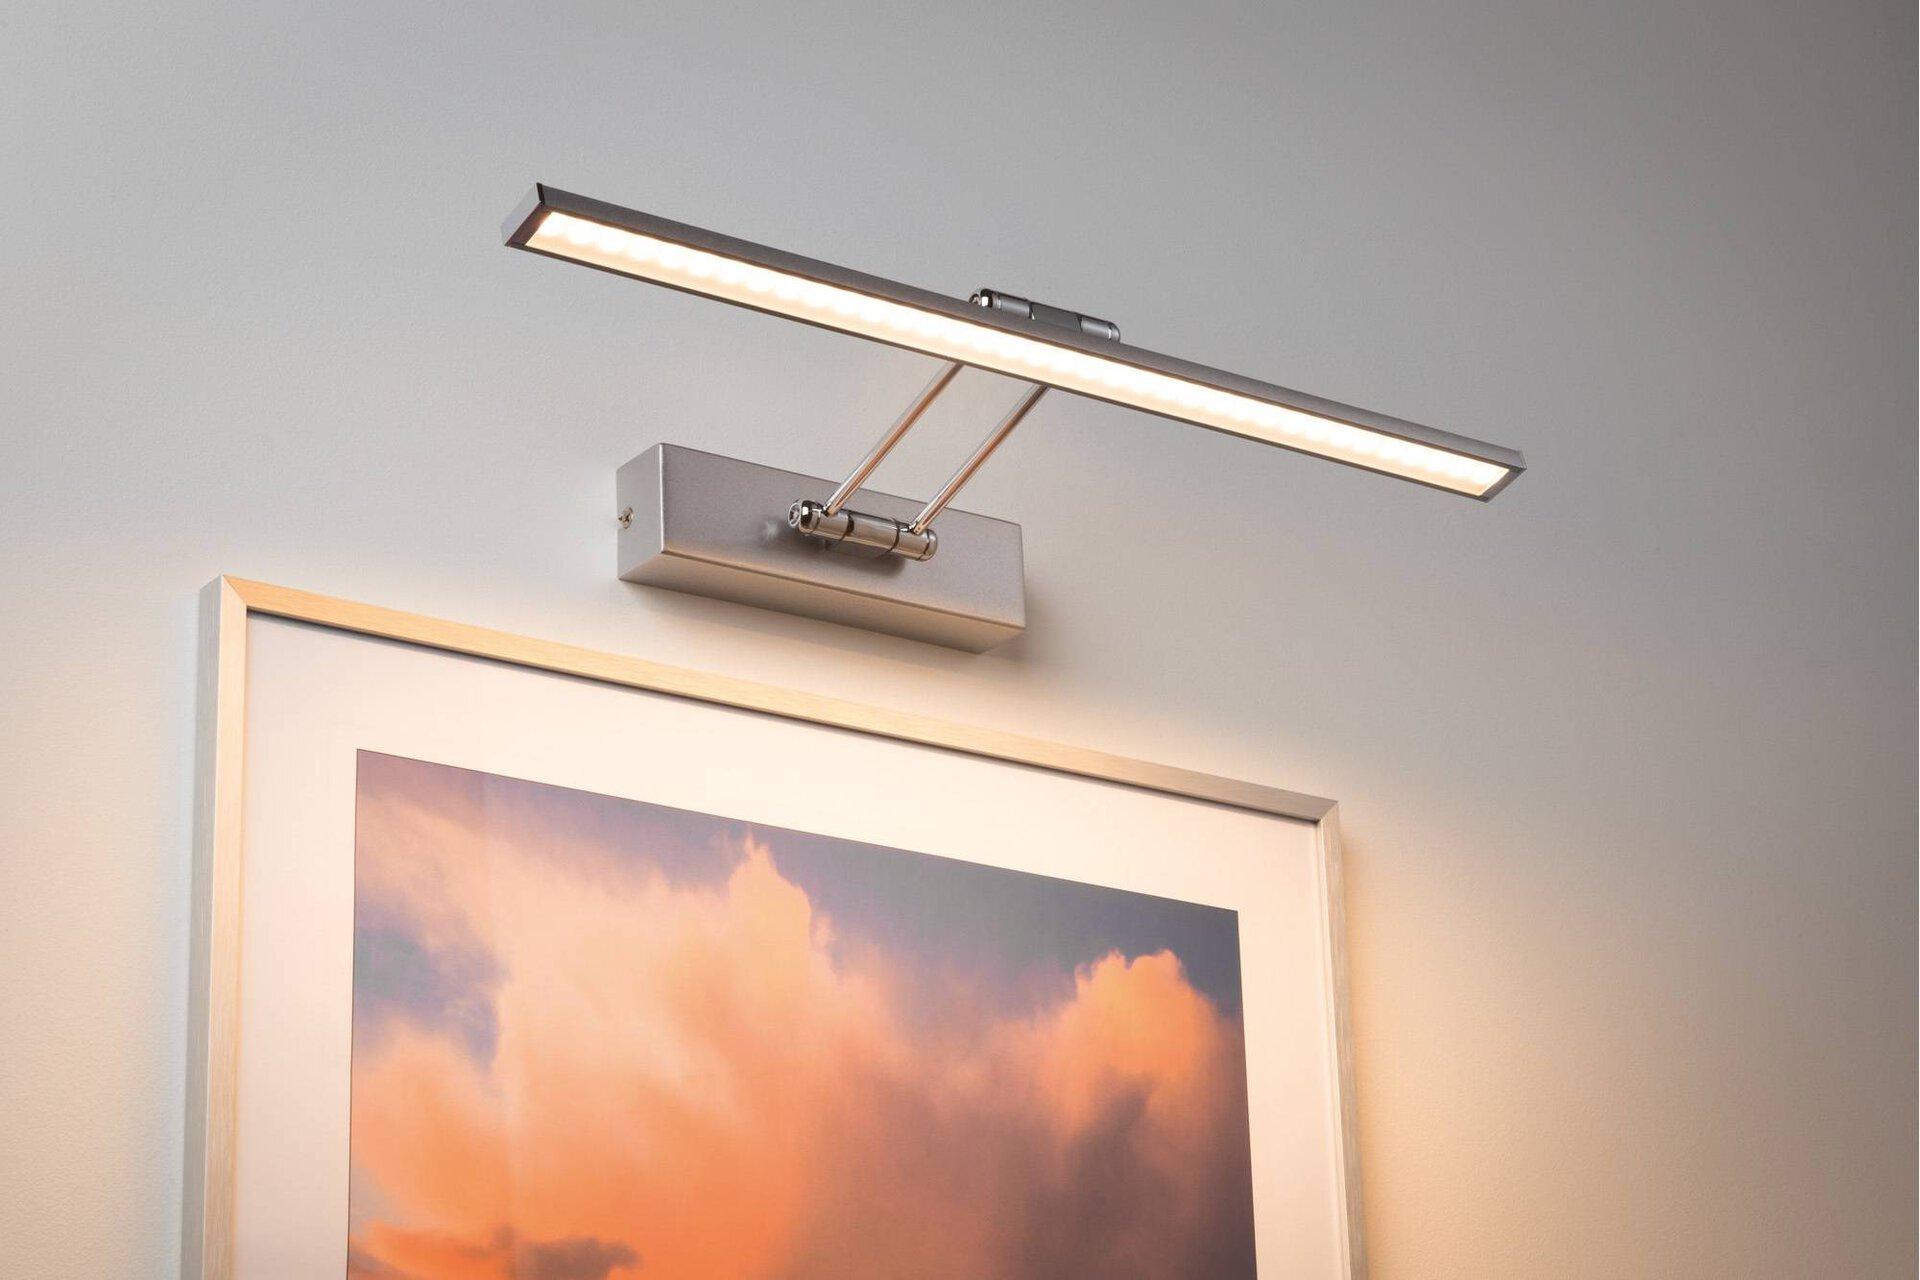 Spiegelleuchte BEAM FIFTY Paulmann Metall 45 x 19 x 46 cm